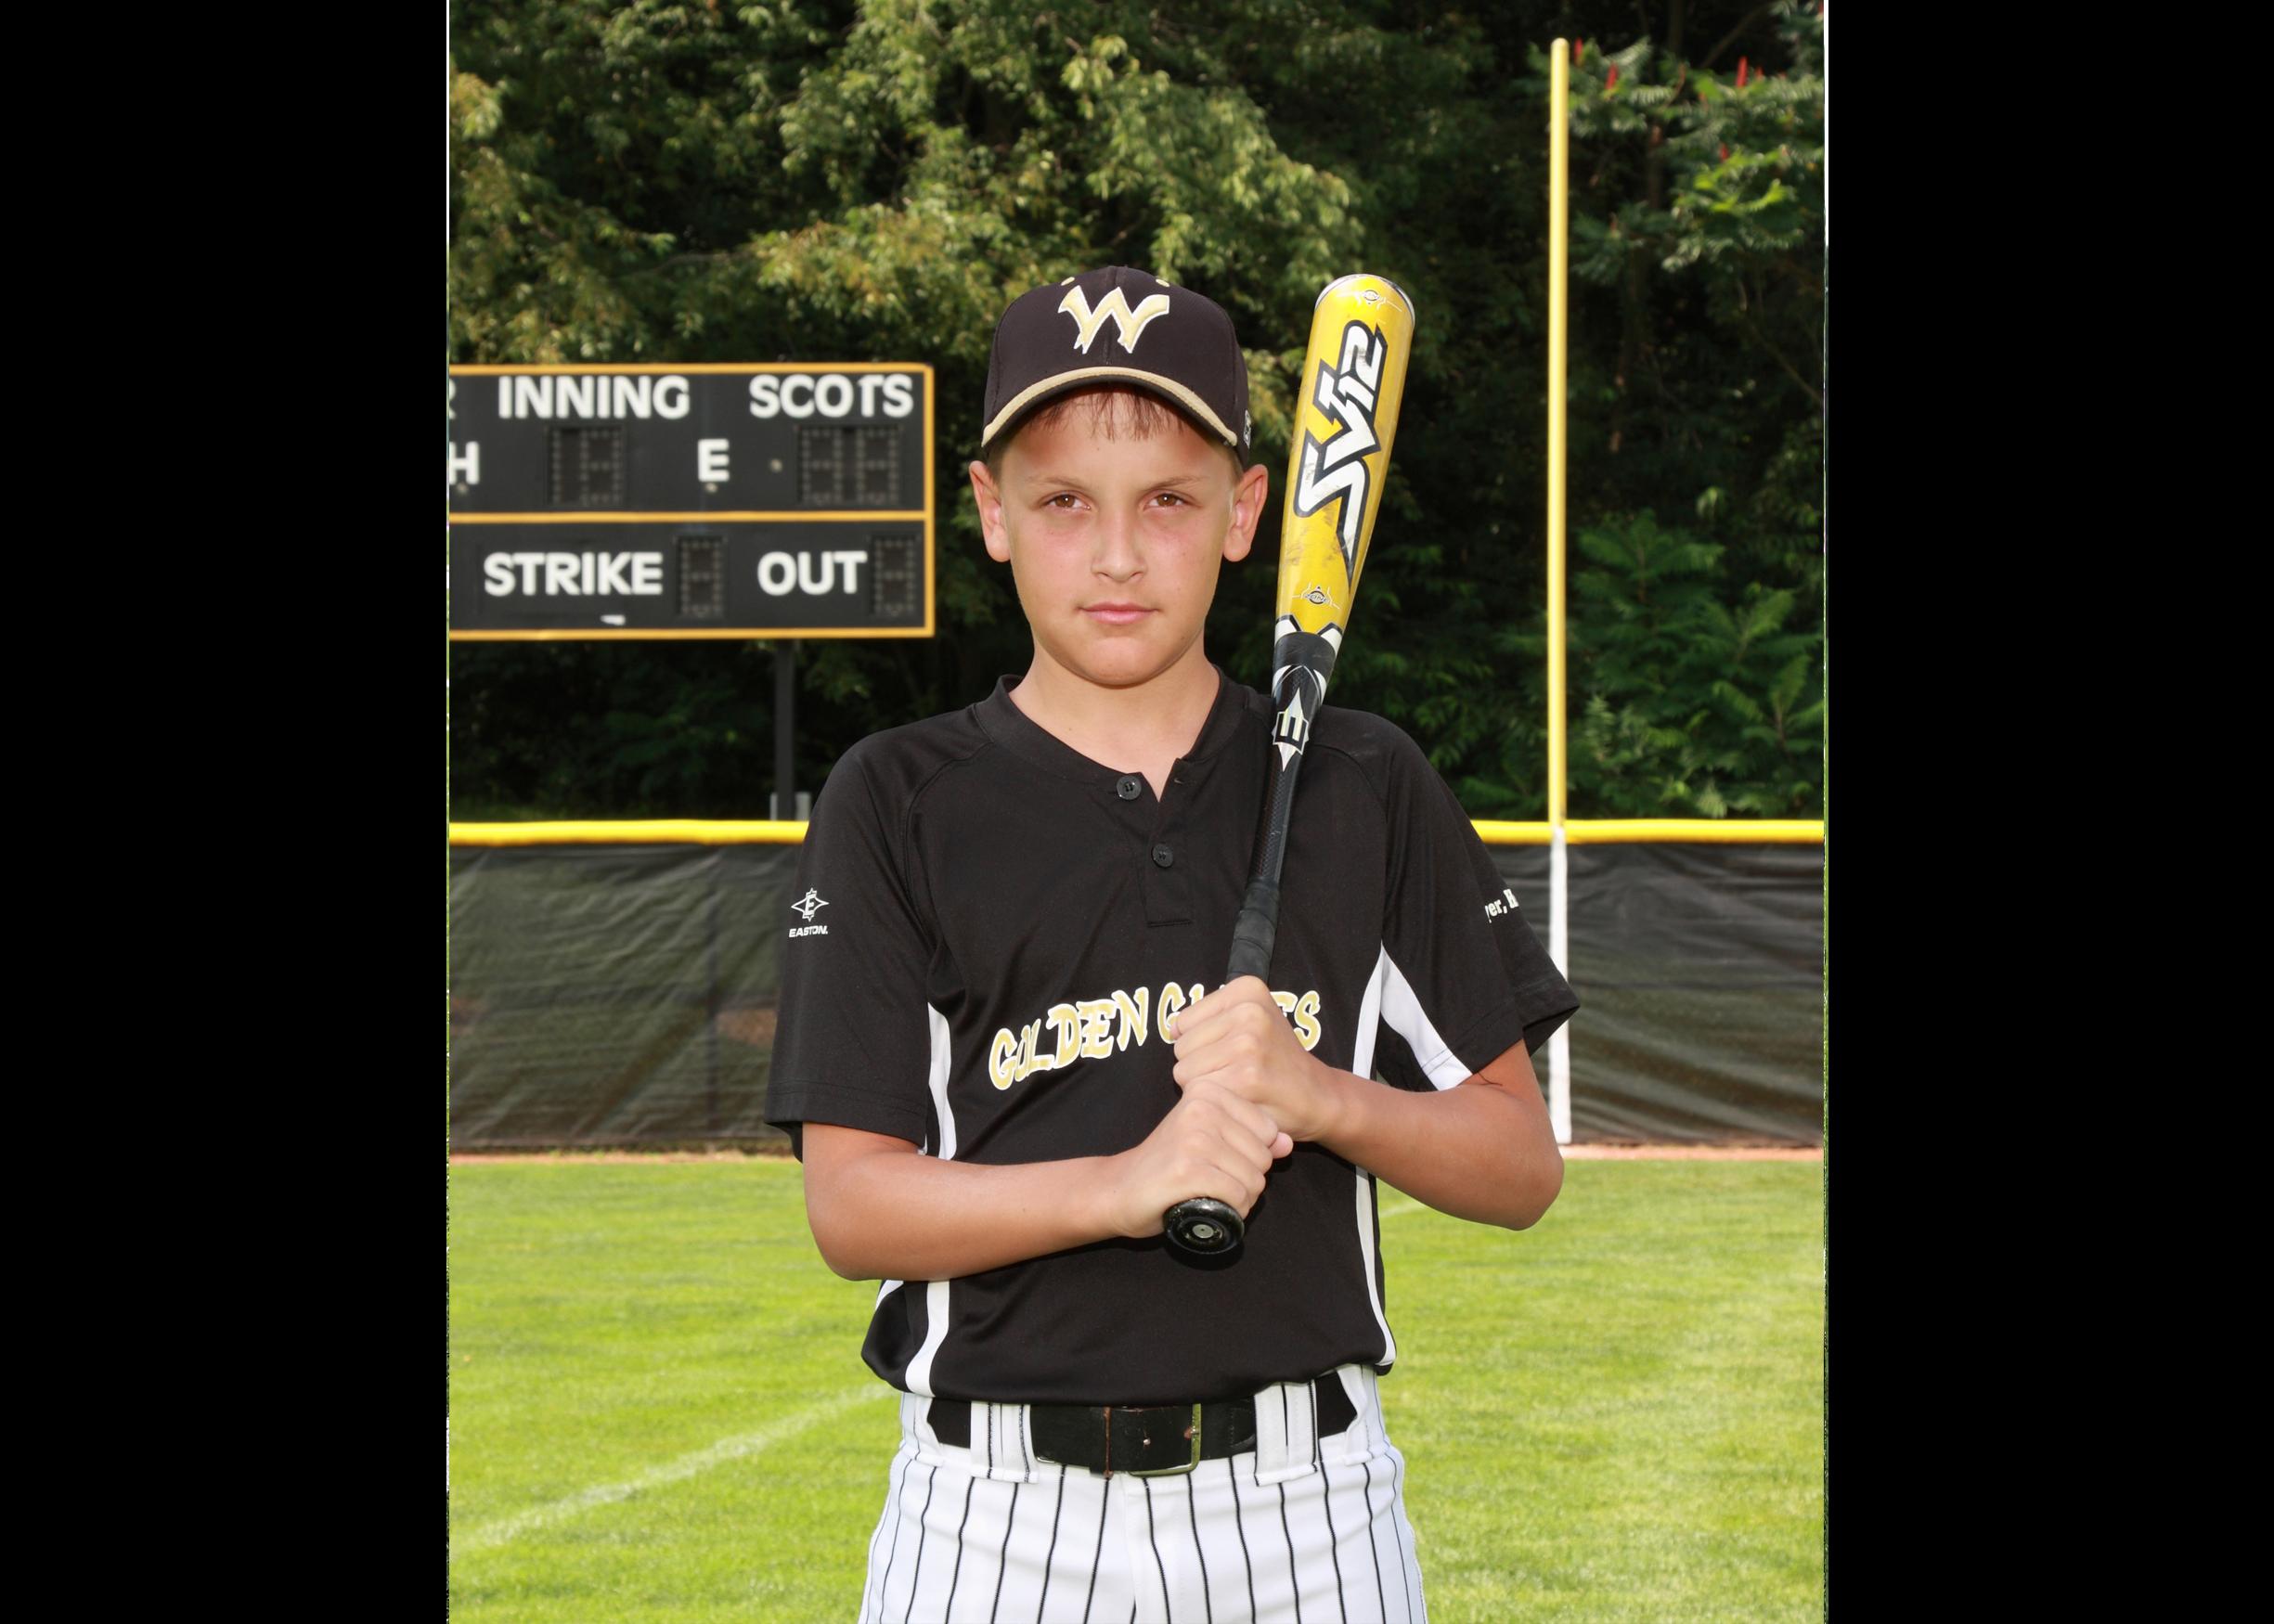 Golden Gloves Baseball